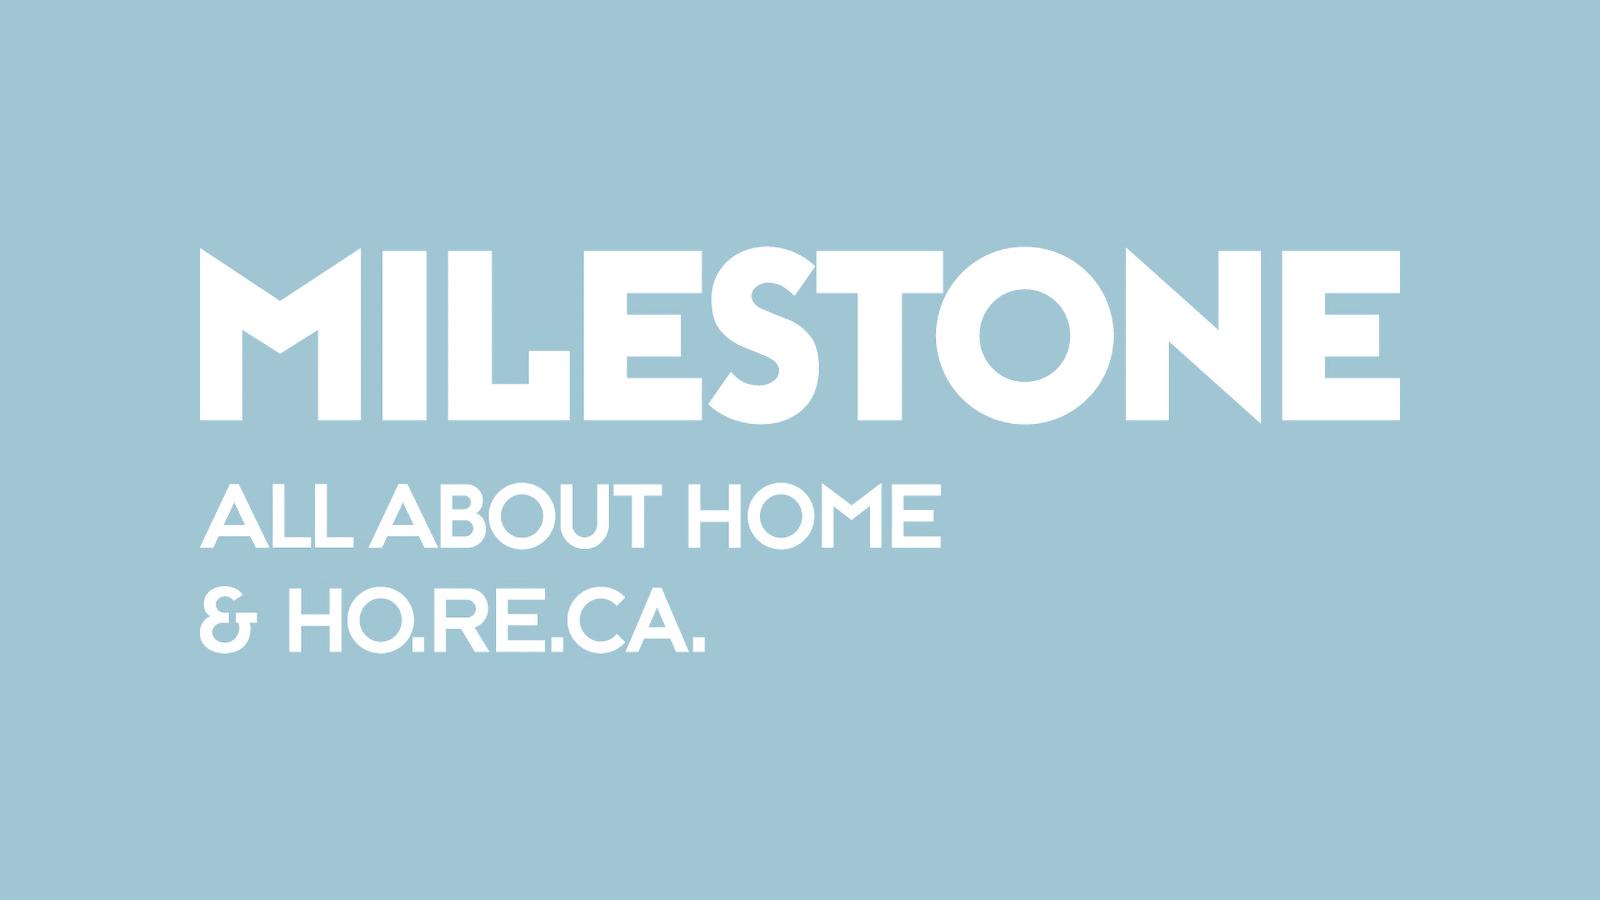 Milestone white logotype